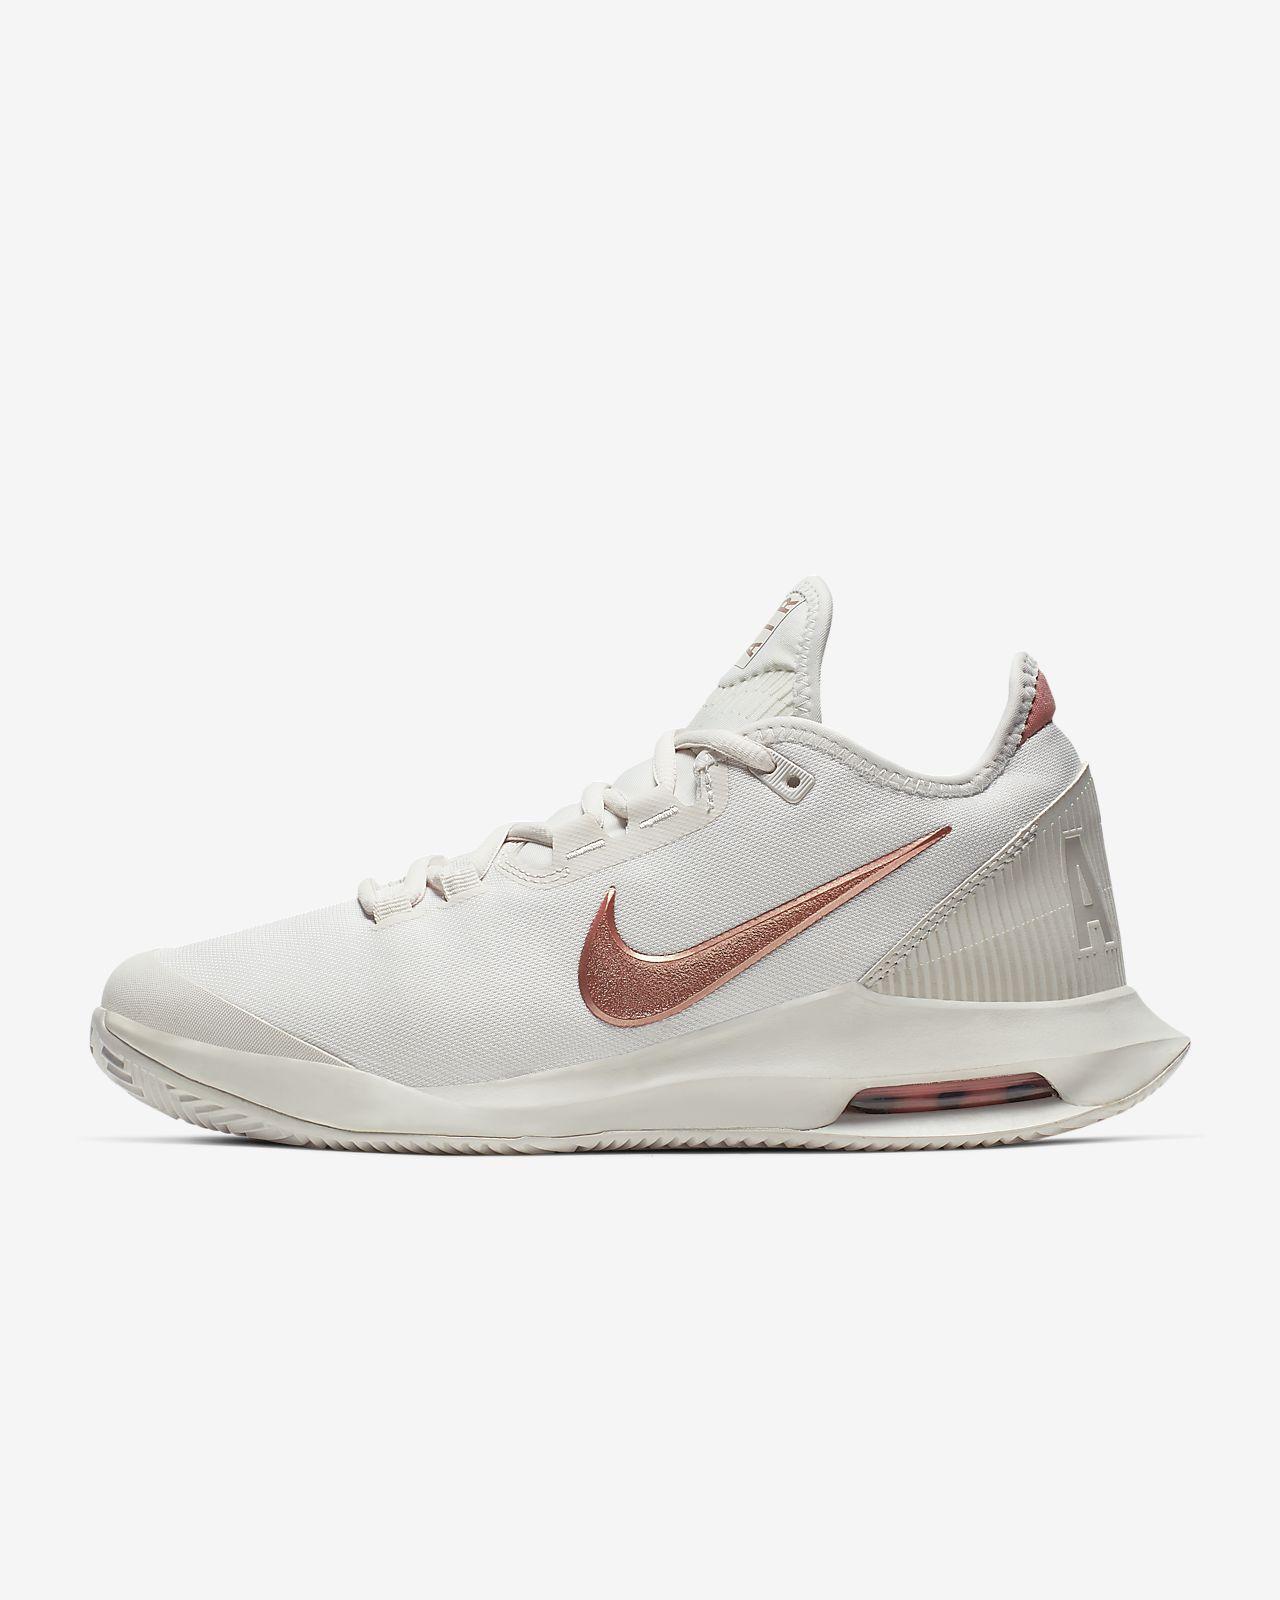 Nike Air Tennisschuhe Damen